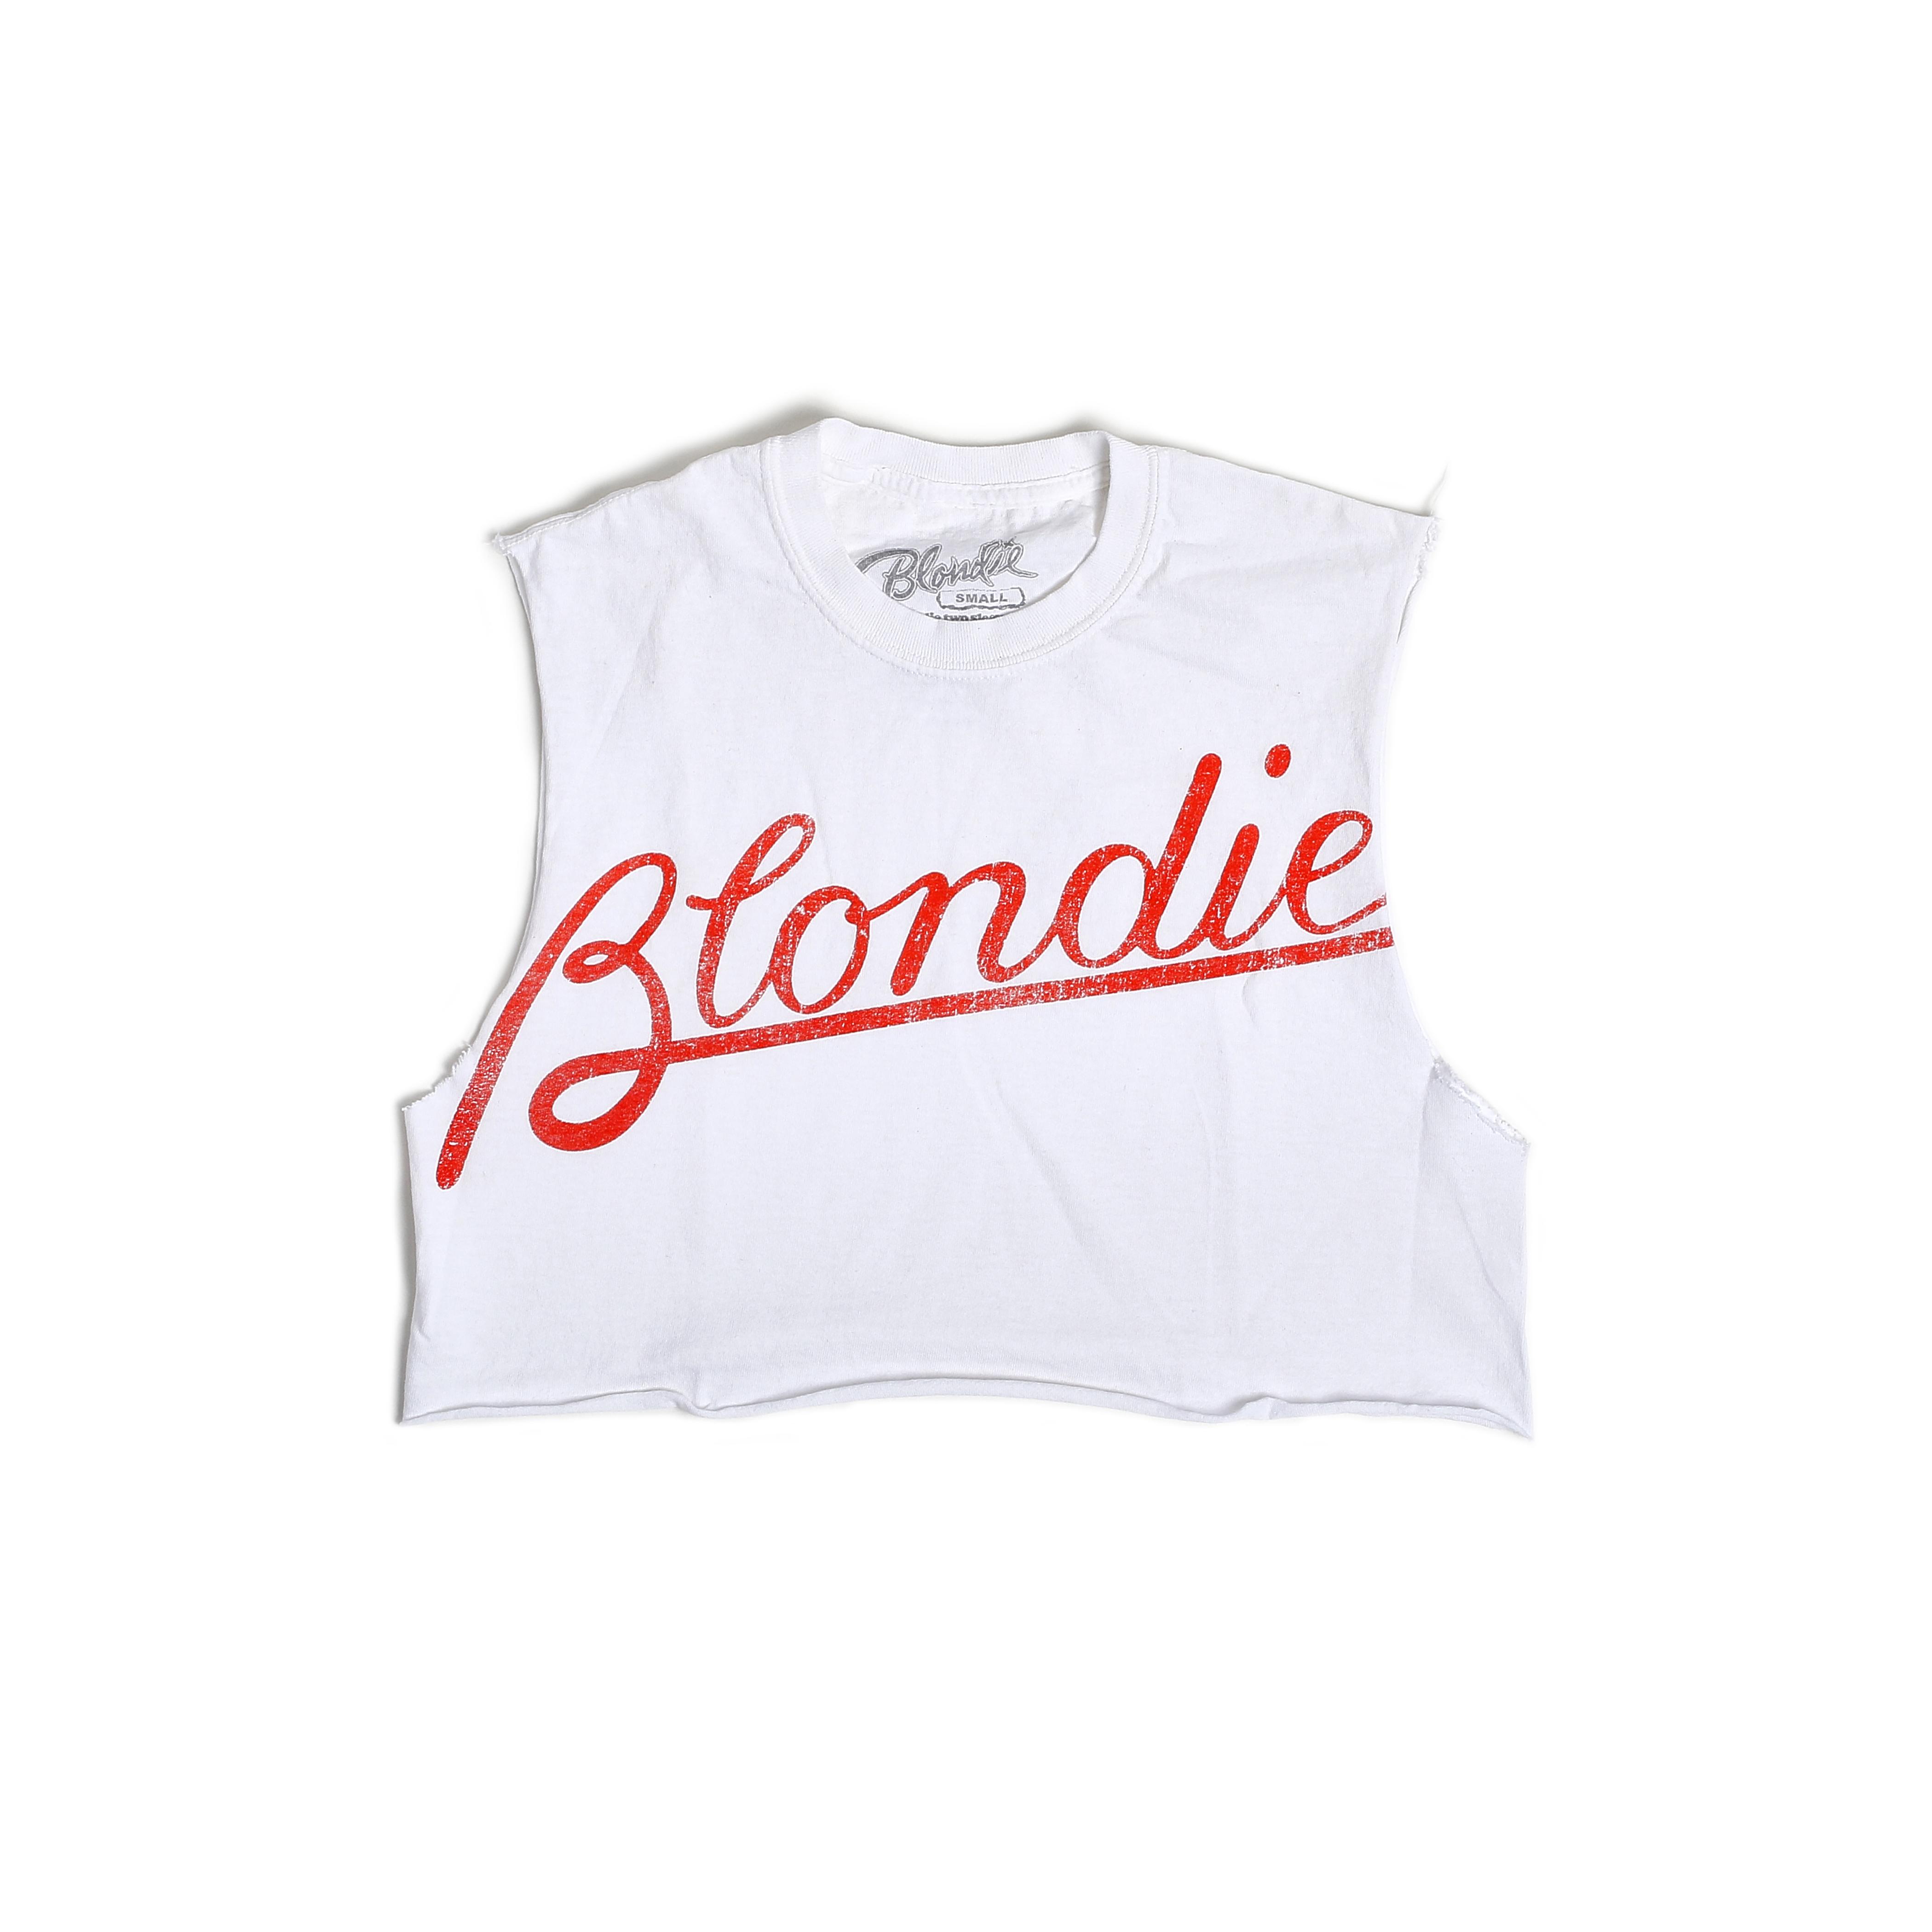 PARALLEL LINES CROP TOP - BlondieUS